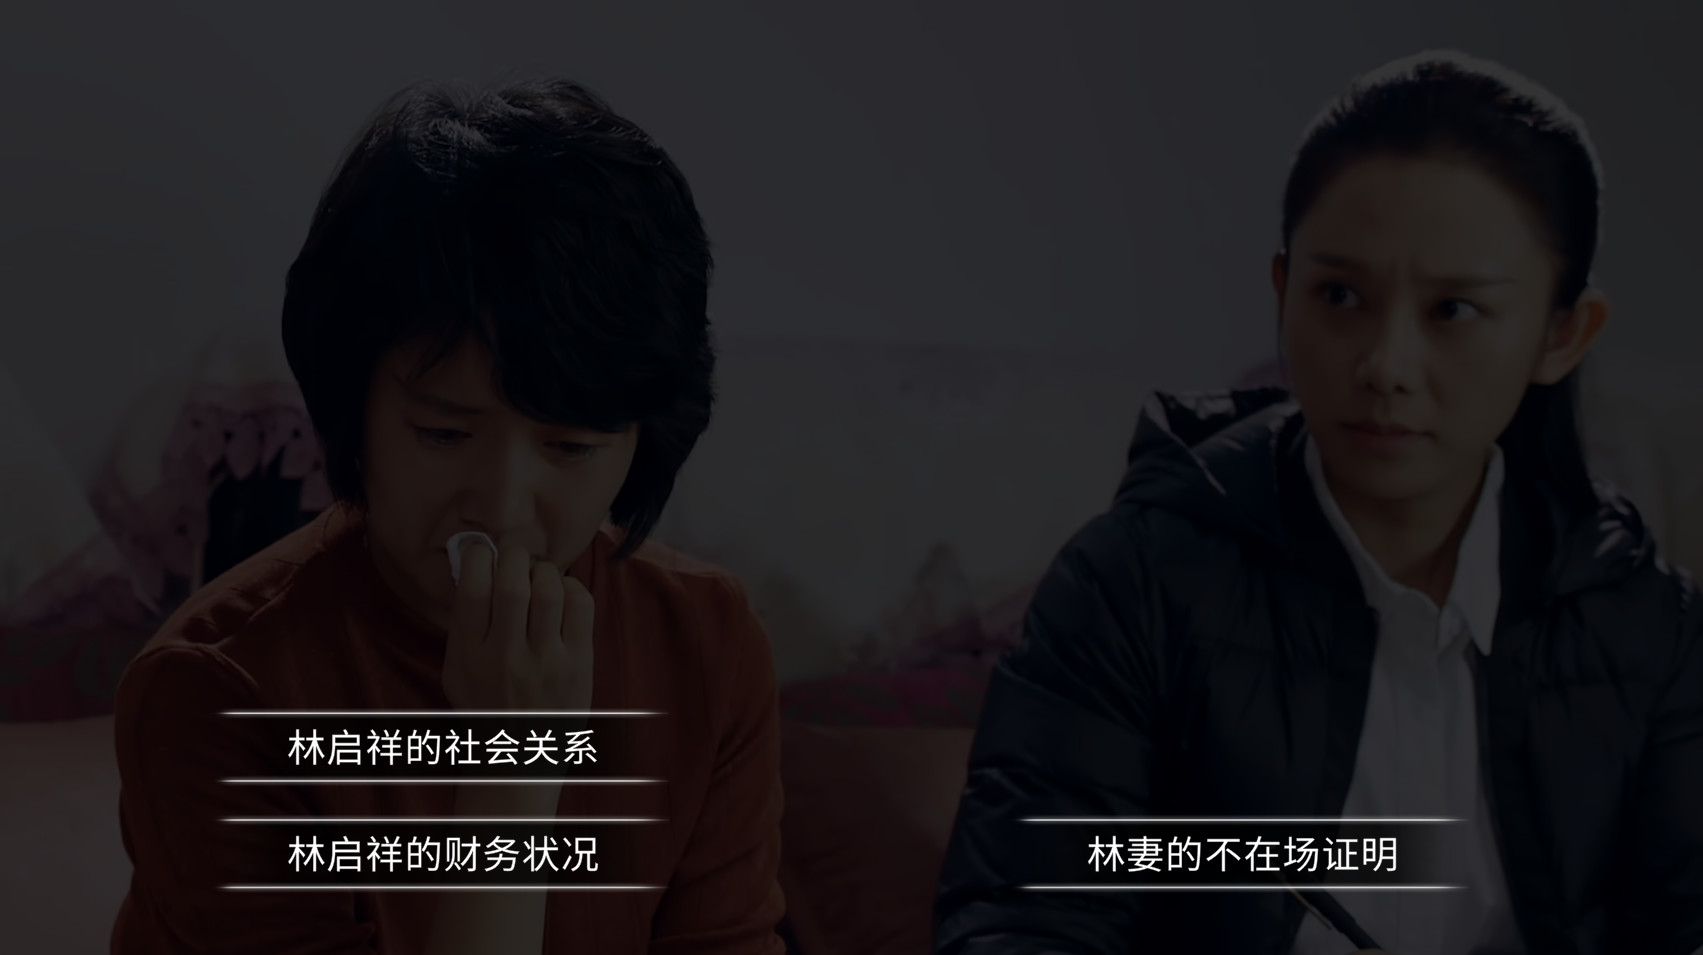 审判者(高清重制全章节版)插图4